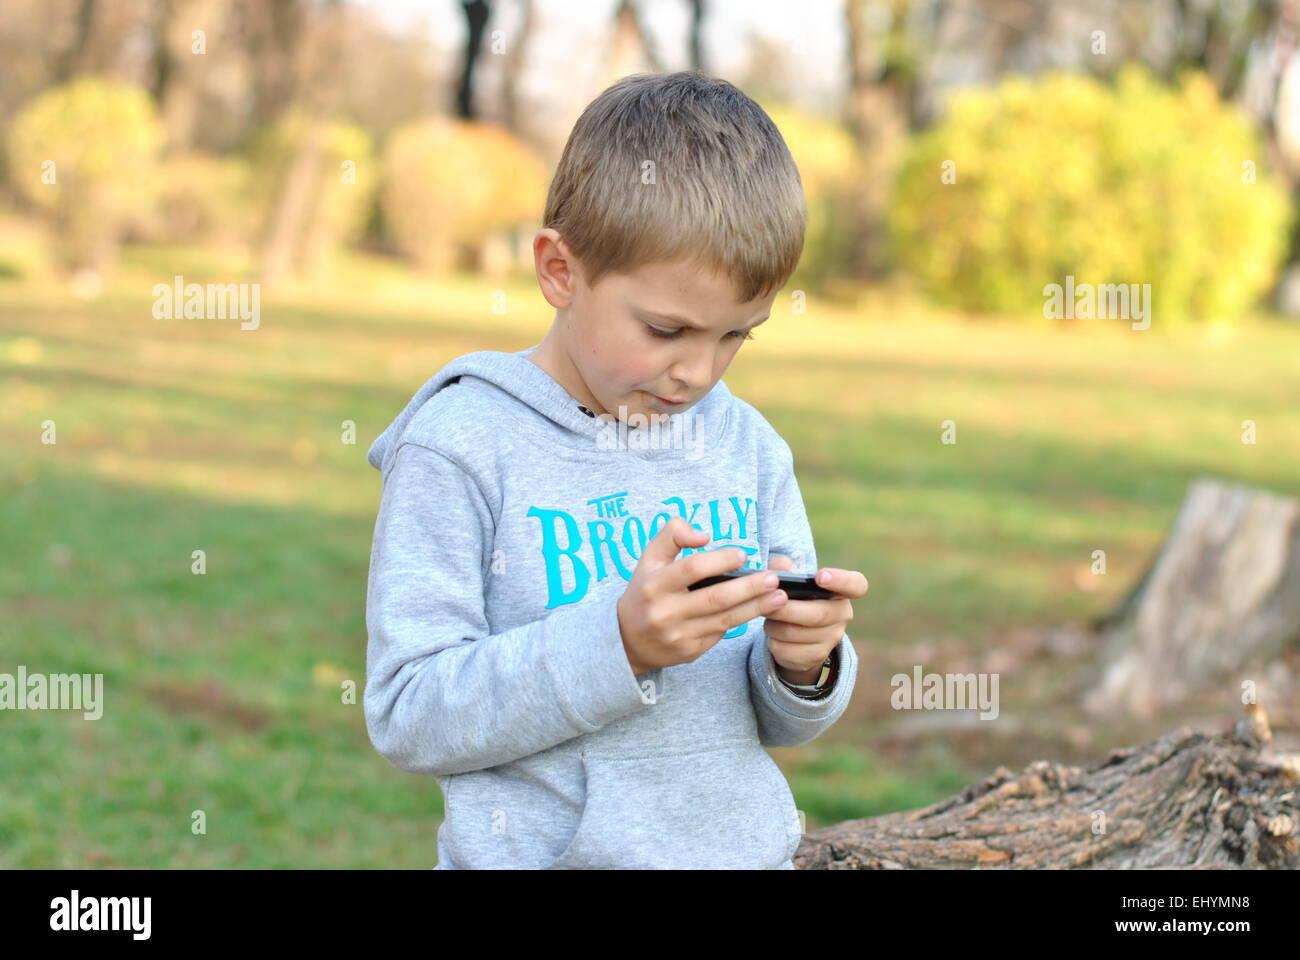 Garçon jouant sur l'appareil mobile dans le parc Photo Stock